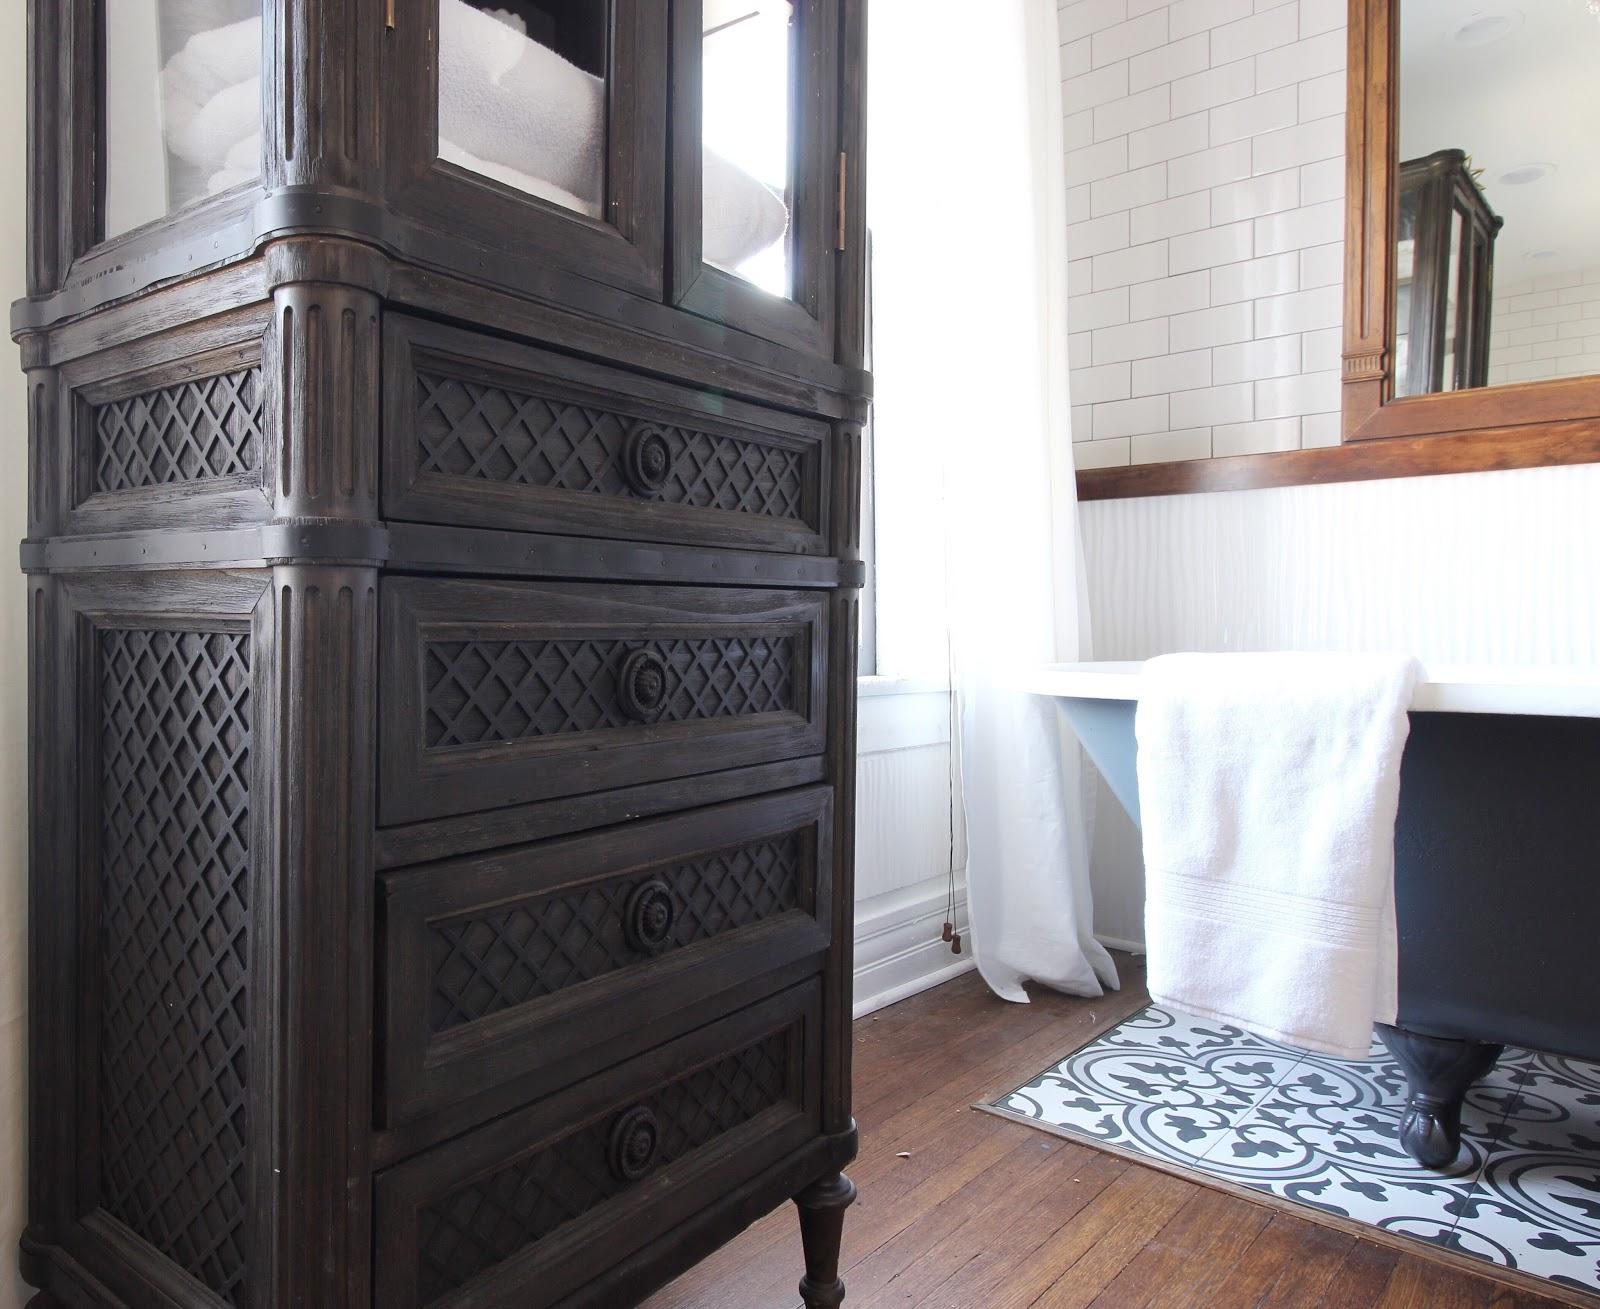 Depósito Santa Mariah: Banheiro Com Jeito De Spa! #825C49 1600x1309 Banheiro Com Banheira Metragem